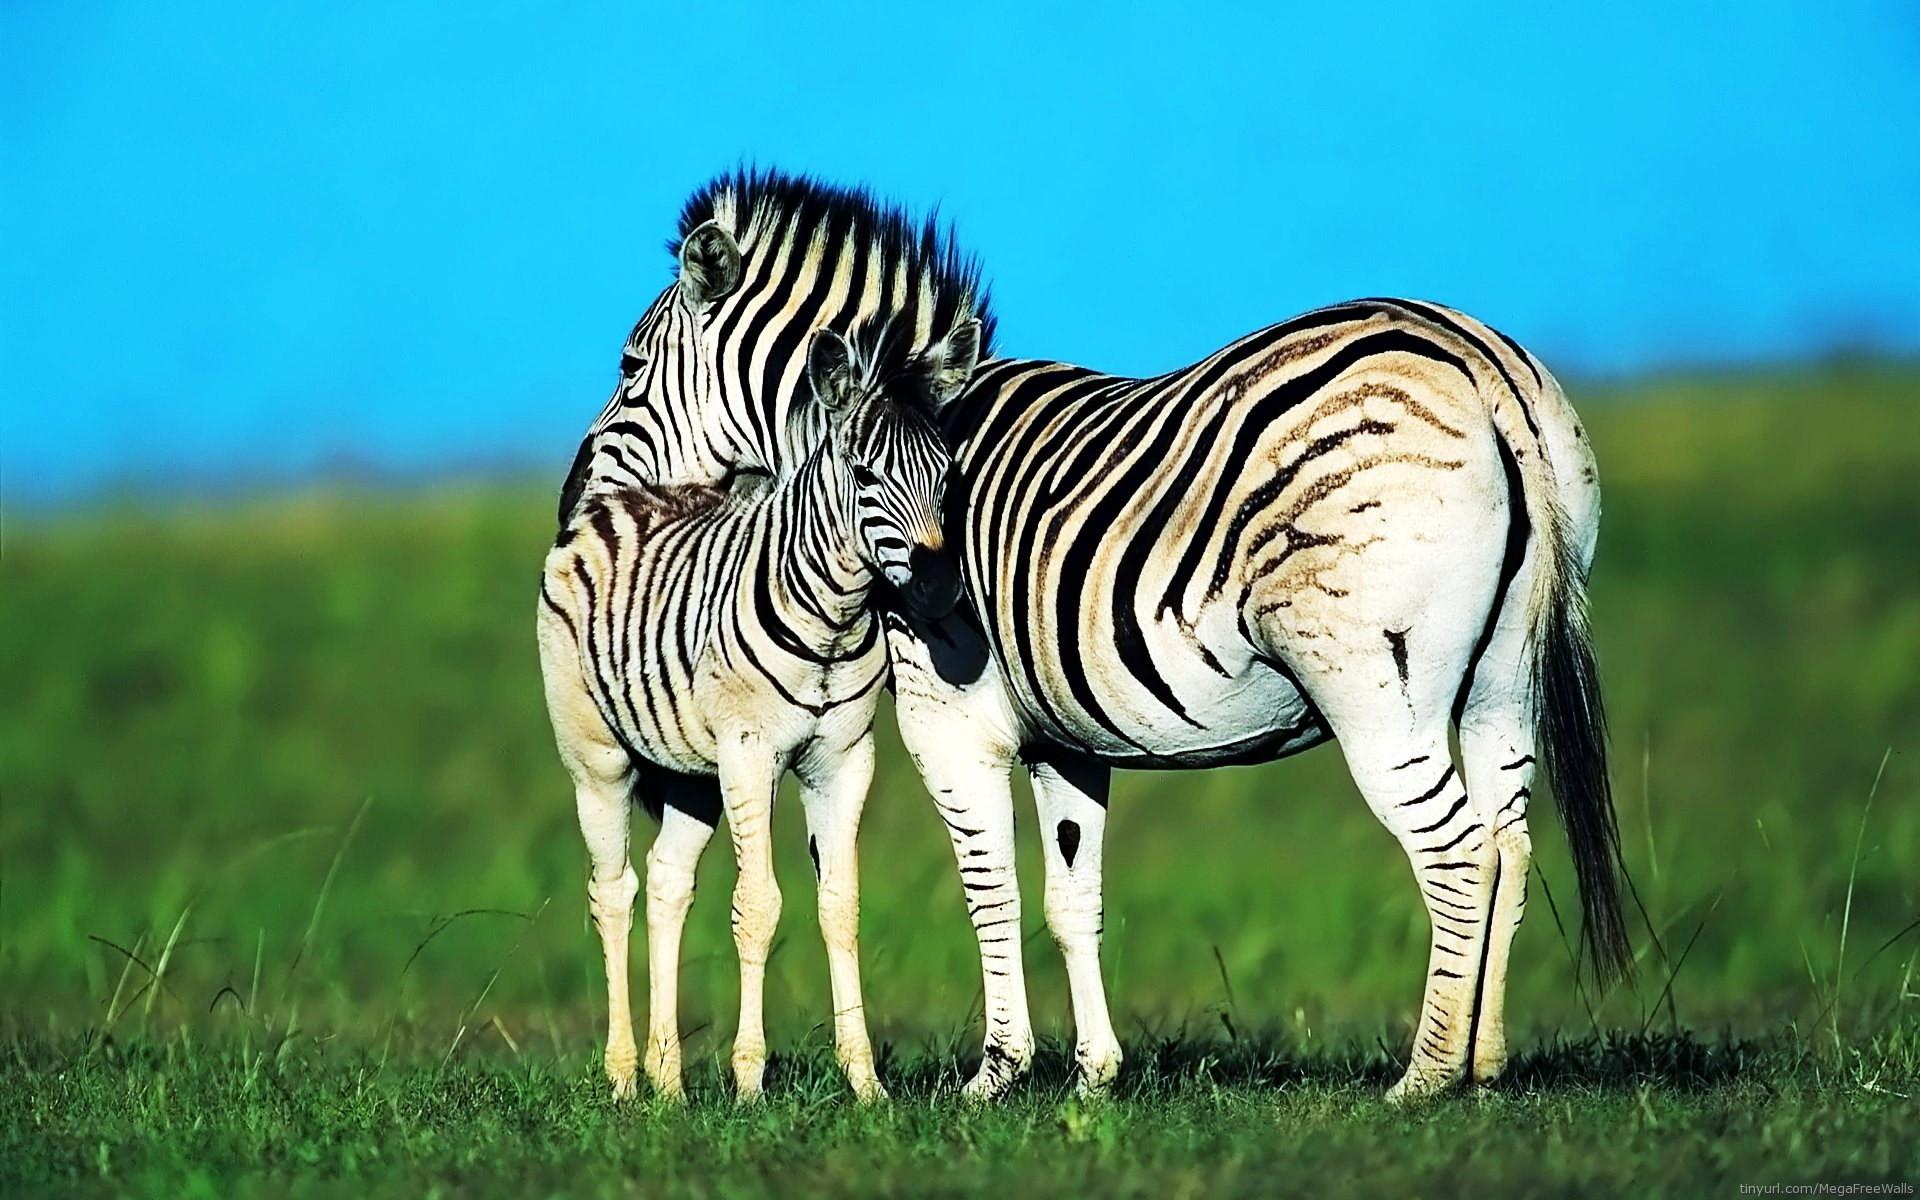 Zebra Desktop Backgrounds (71+ images)